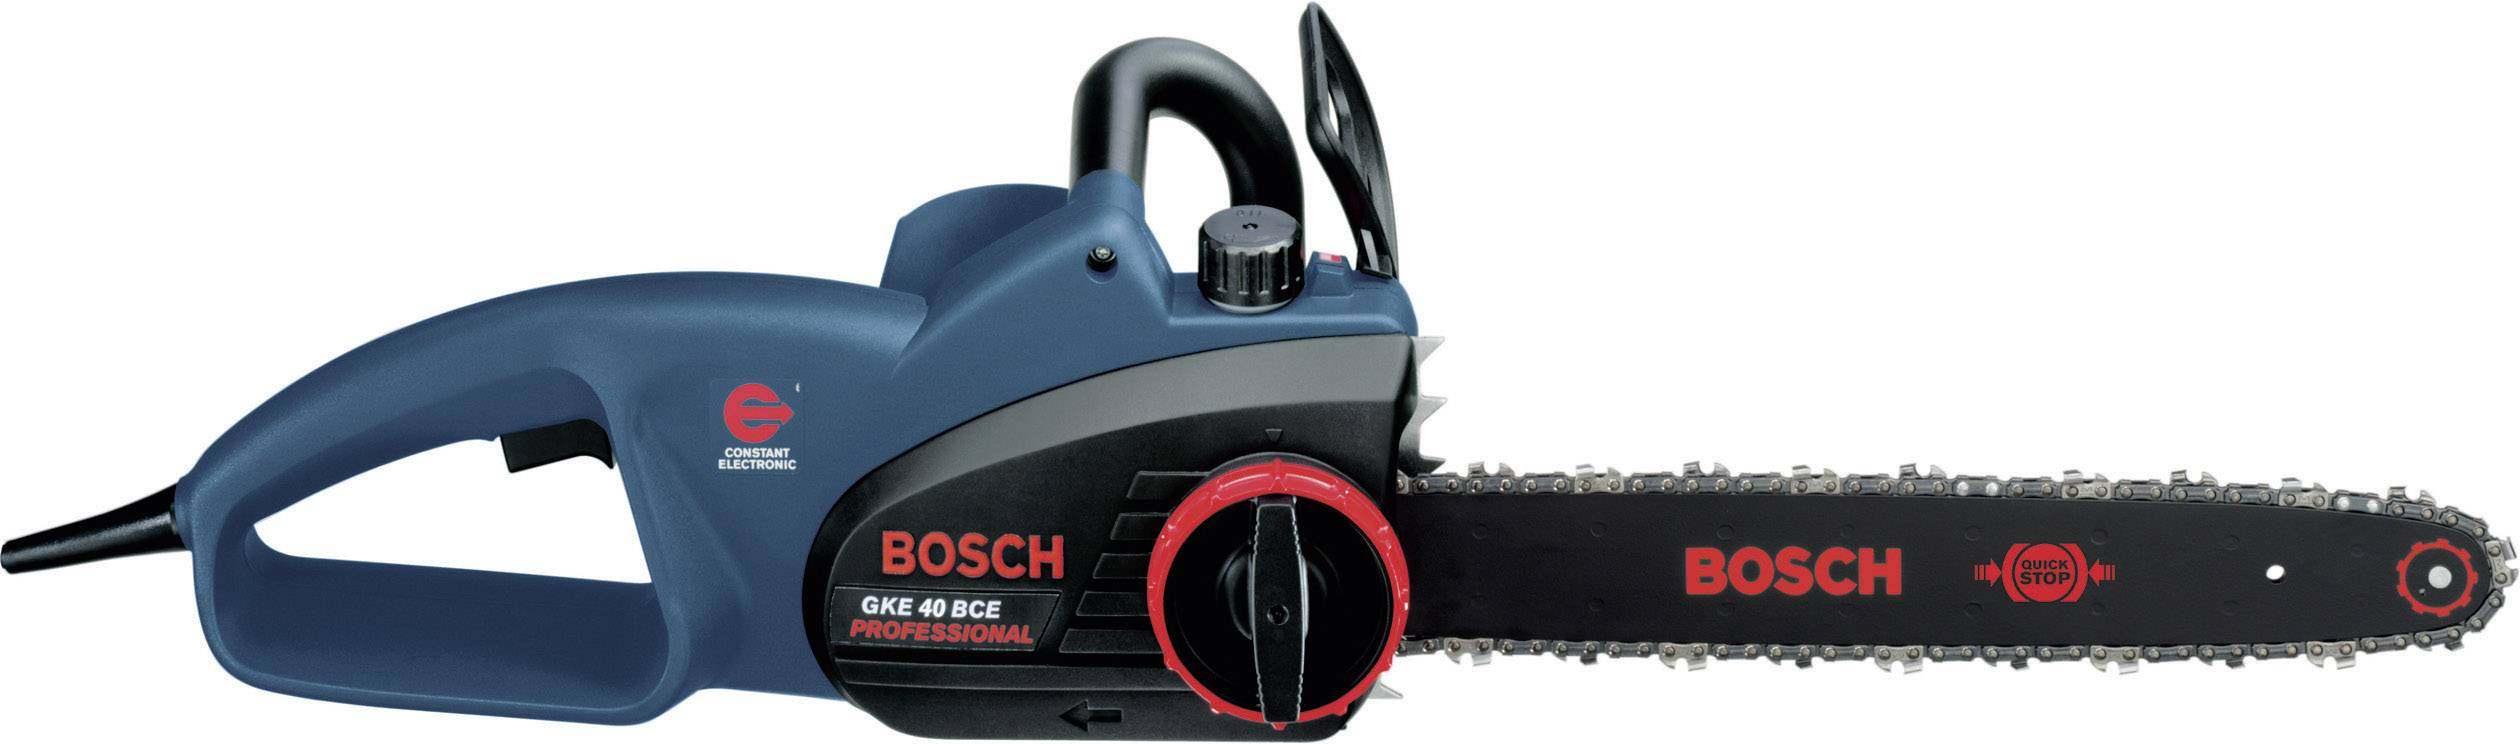 Reťazová píla Bosch GKE 40 BCE 0601597703